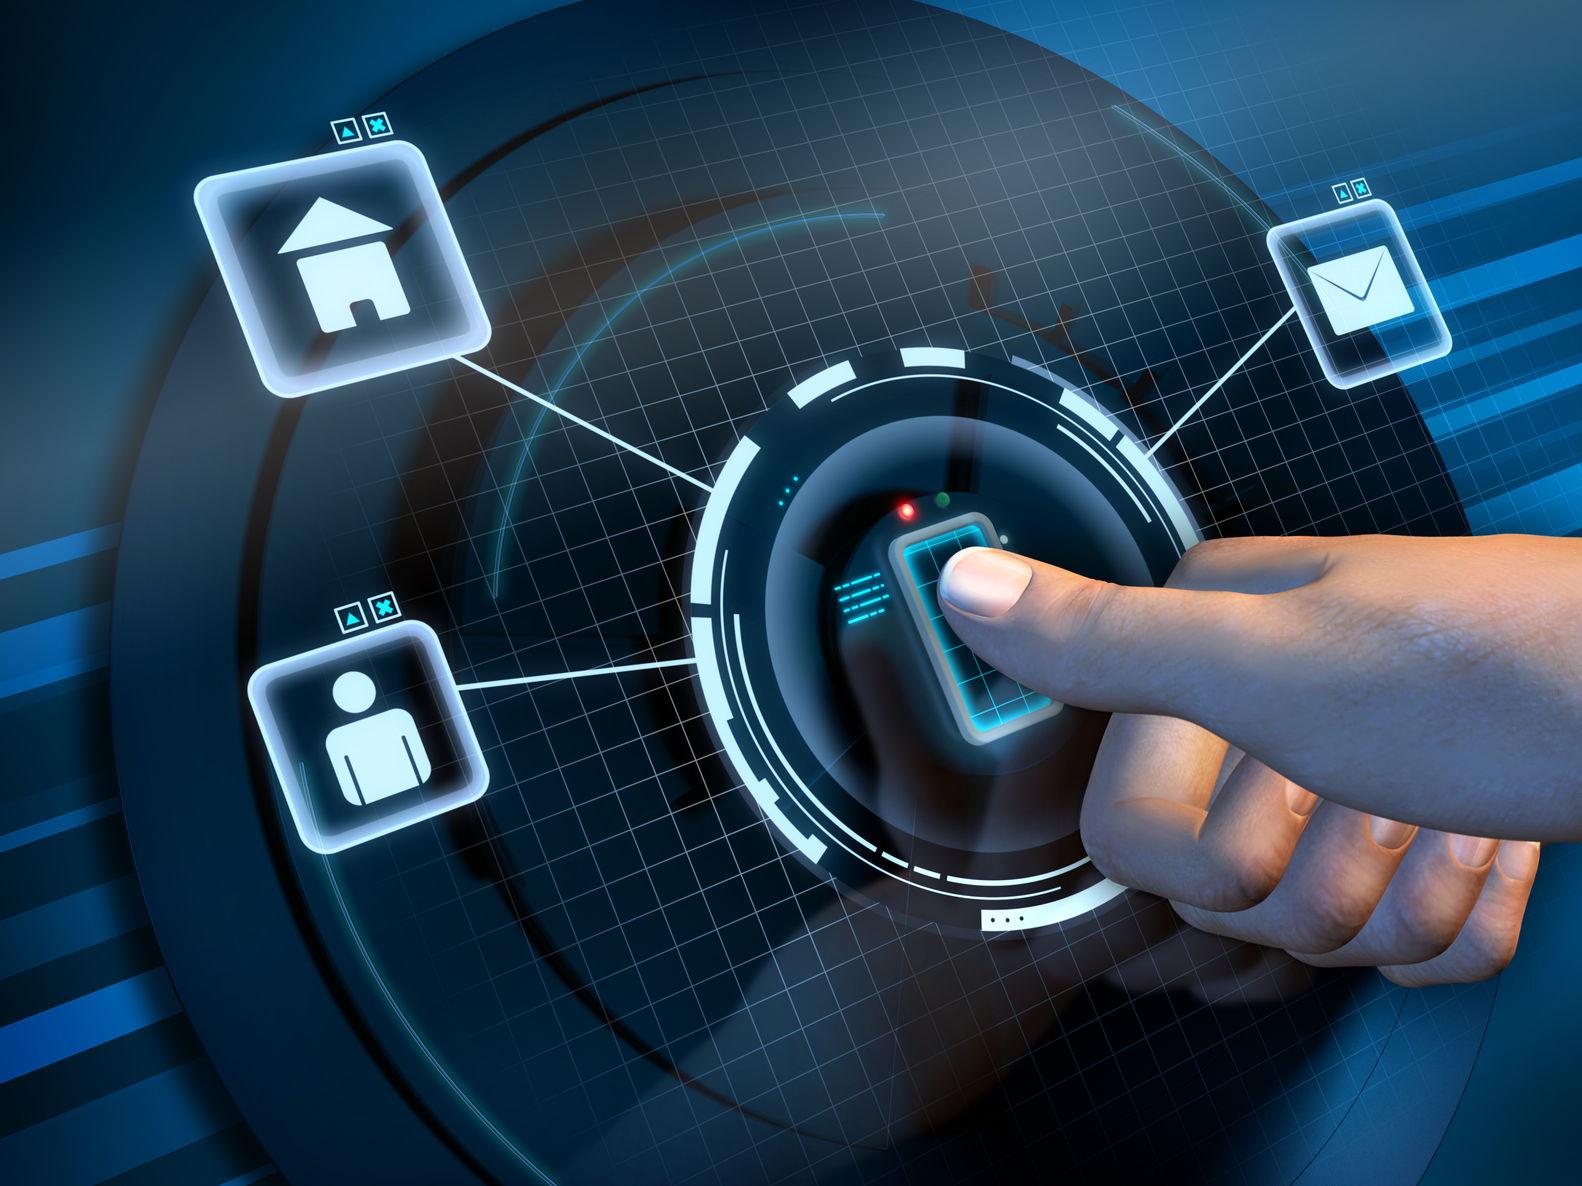 Biometric Sensor